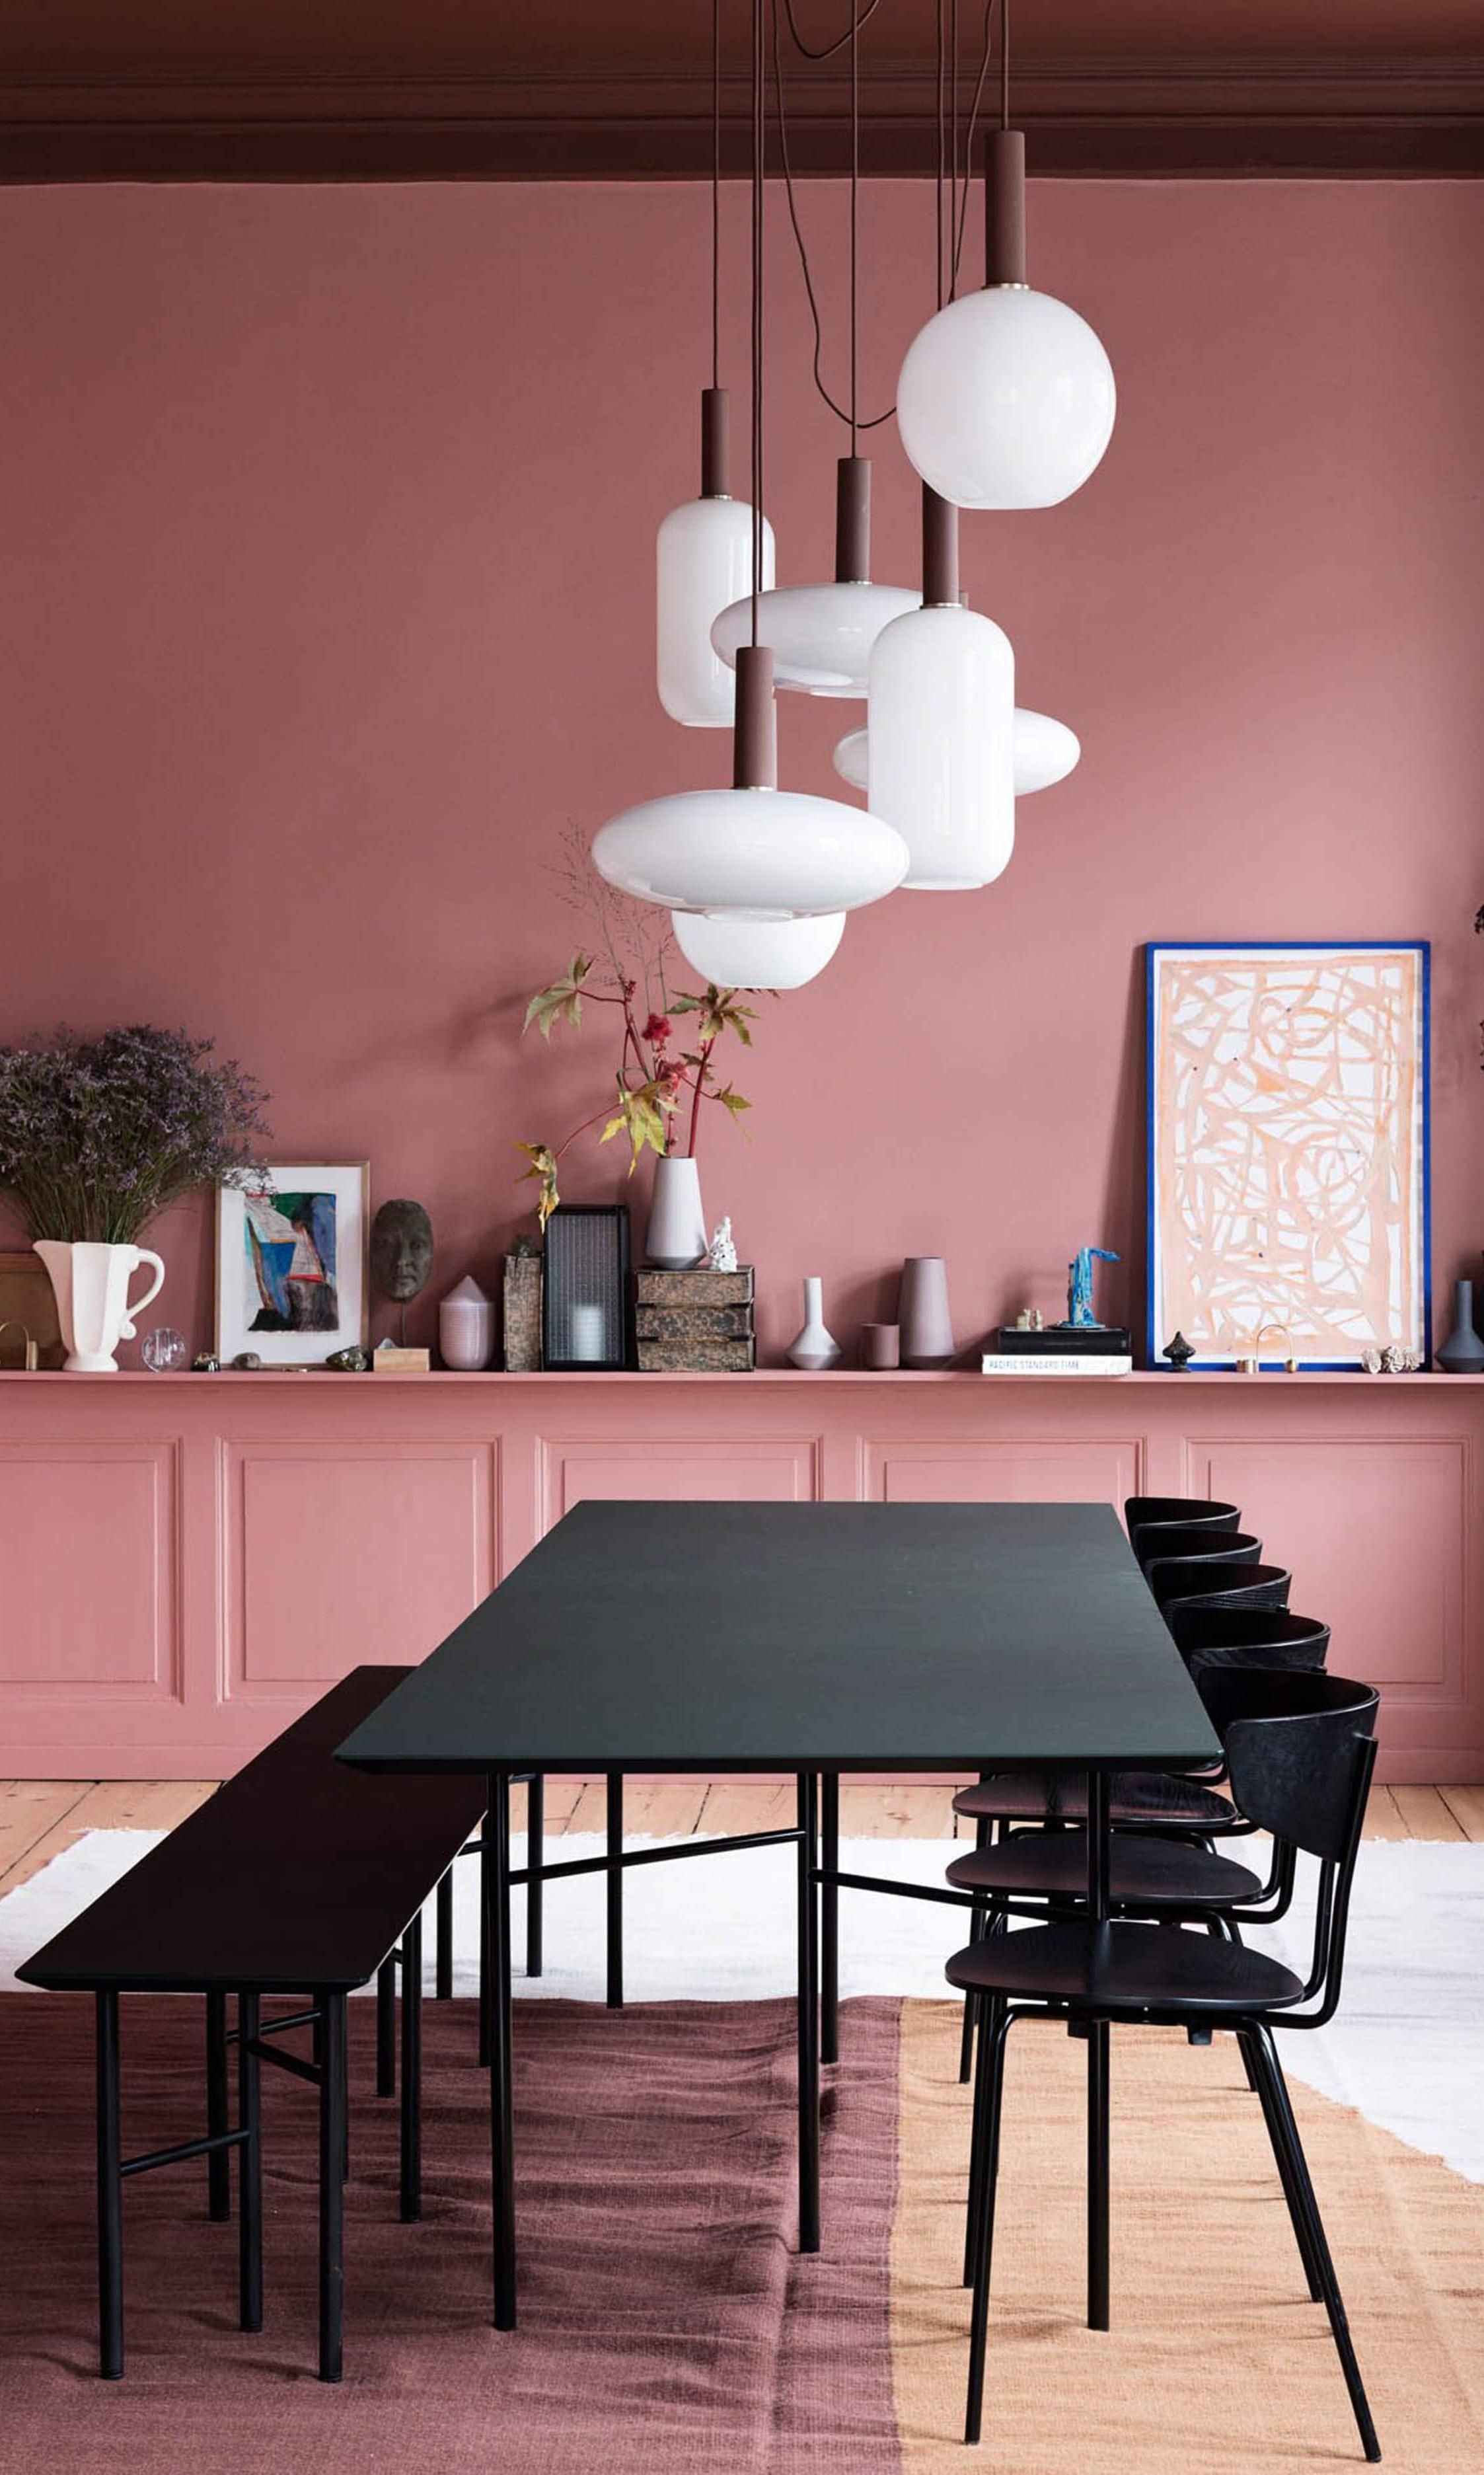 nội thất se sẻ, se se furniture, nội thất đen, thiết kế phòng khách, phong thủy âm dương, nội thất đen cho mạng thủy, cách sắp xếp nội thất cho không gian nhỏ, thiết kế nội thất cho không gian nhỏ, cách tận dụng nội thất đen, mua nội thất đen ở đâu, sale off black Friday